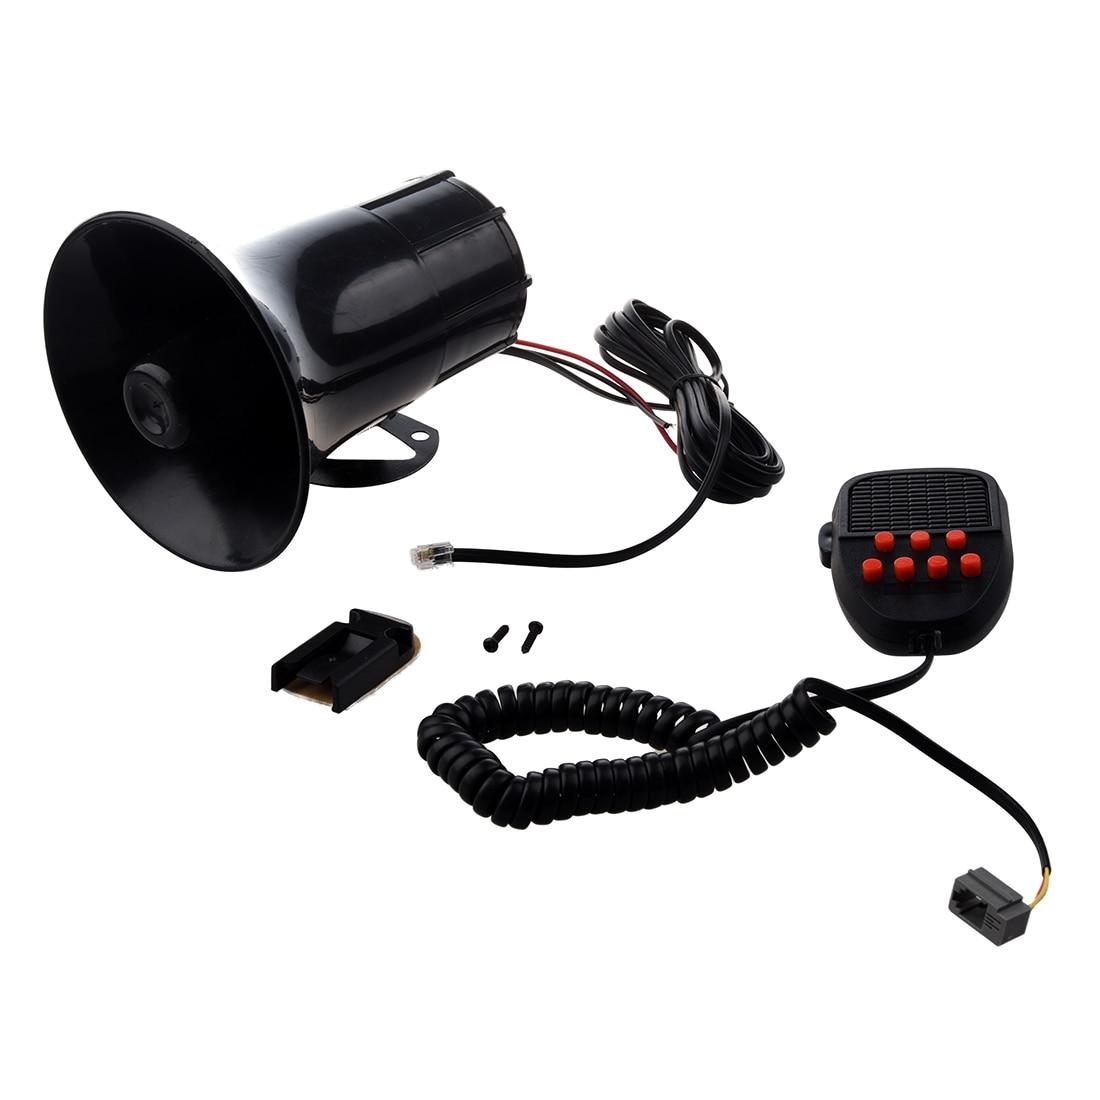 7 Sounds Tone Cars Motorcycles Trucks 12V 50W 150dB Horn Speaker Electronic Loud black speaker siren